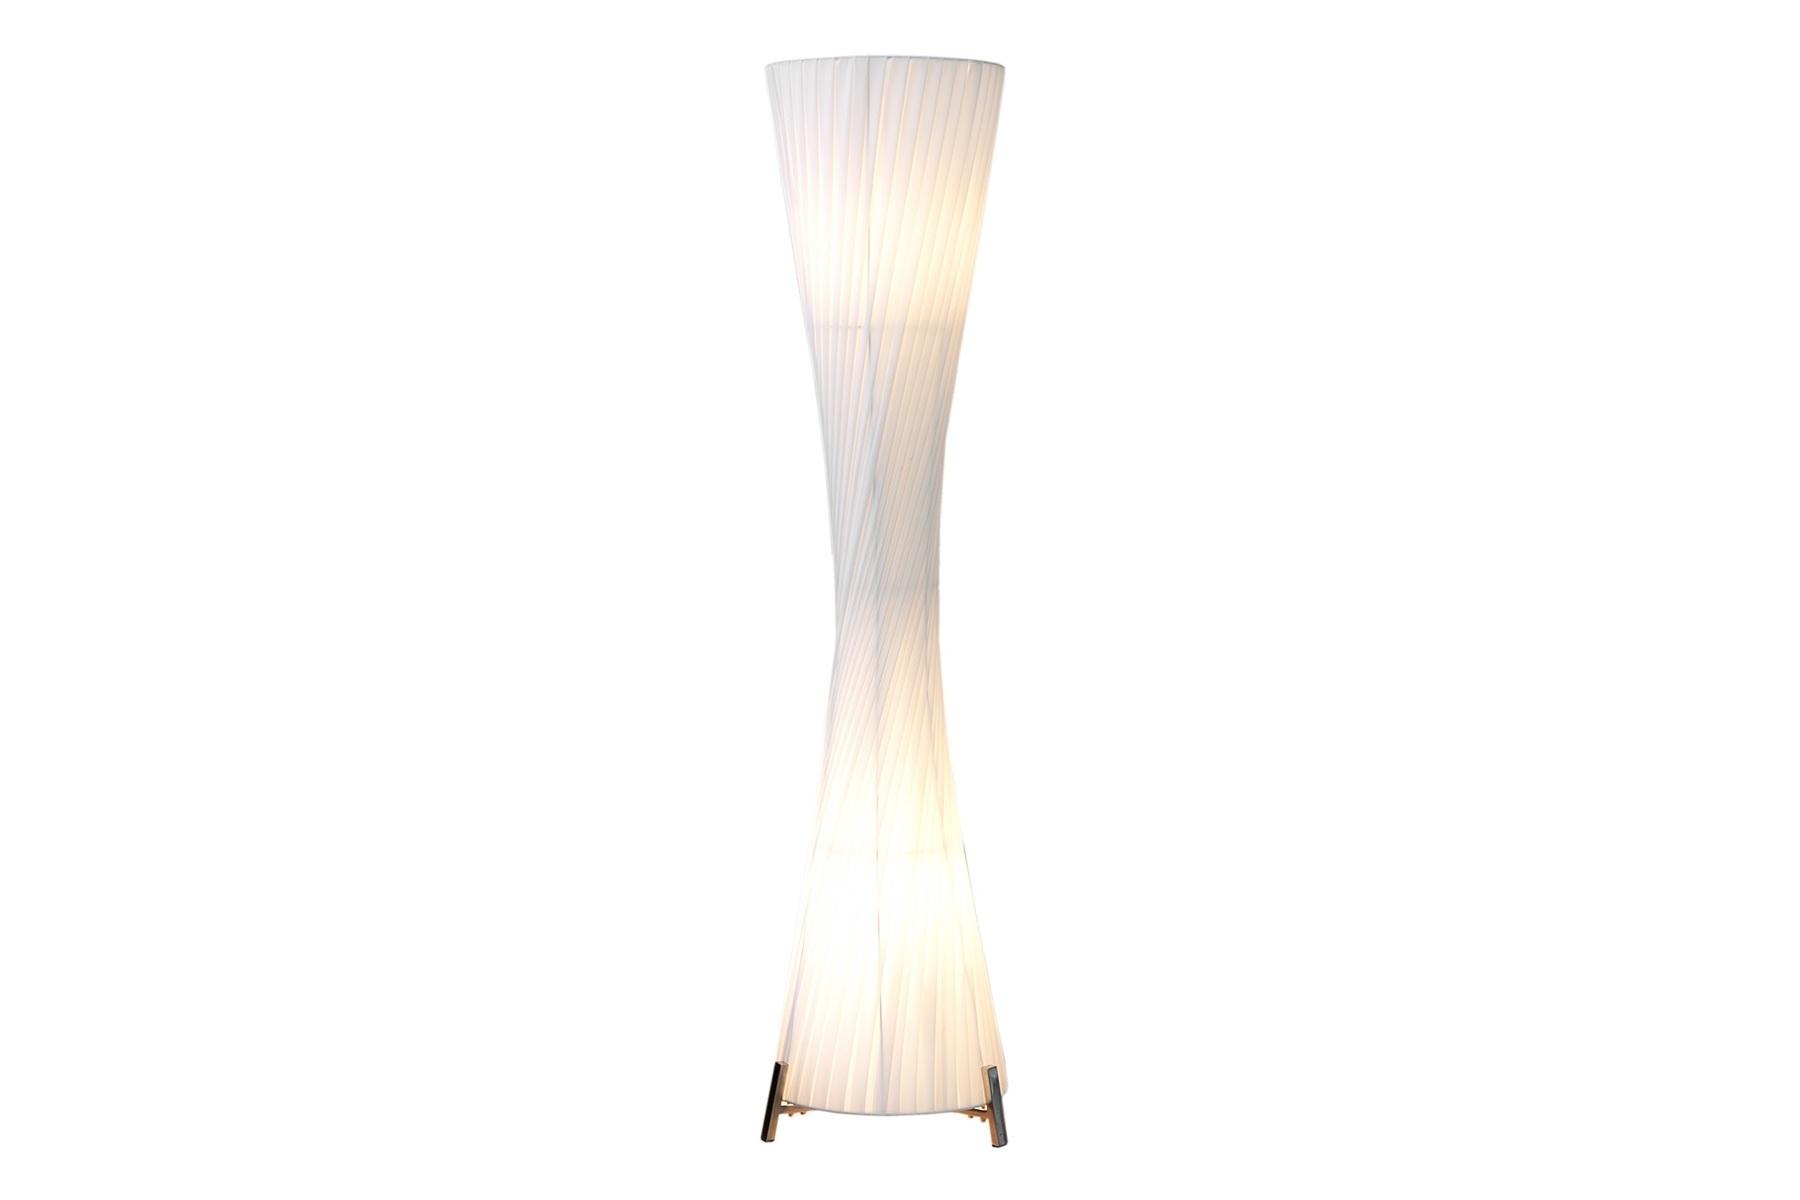 riesige design stehlampe helix xxl weiss 200cm stehleuchte lampe leuchte ebay. Black Bedroom Furniture Sets. Home Design Ideas